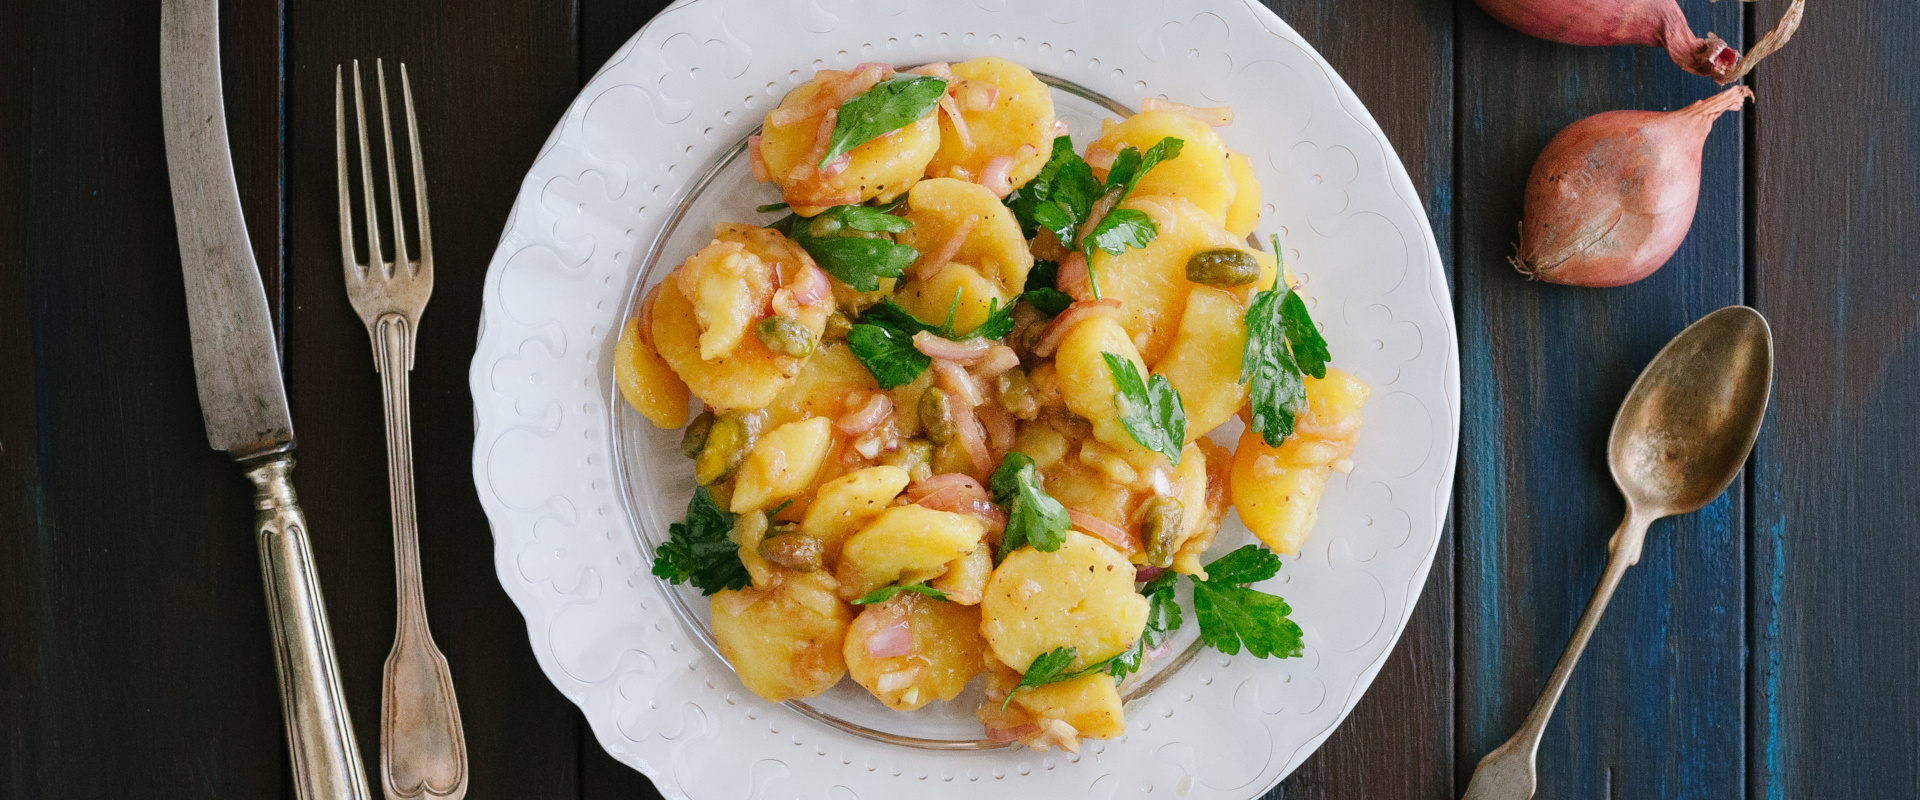 krumpli saláta cover